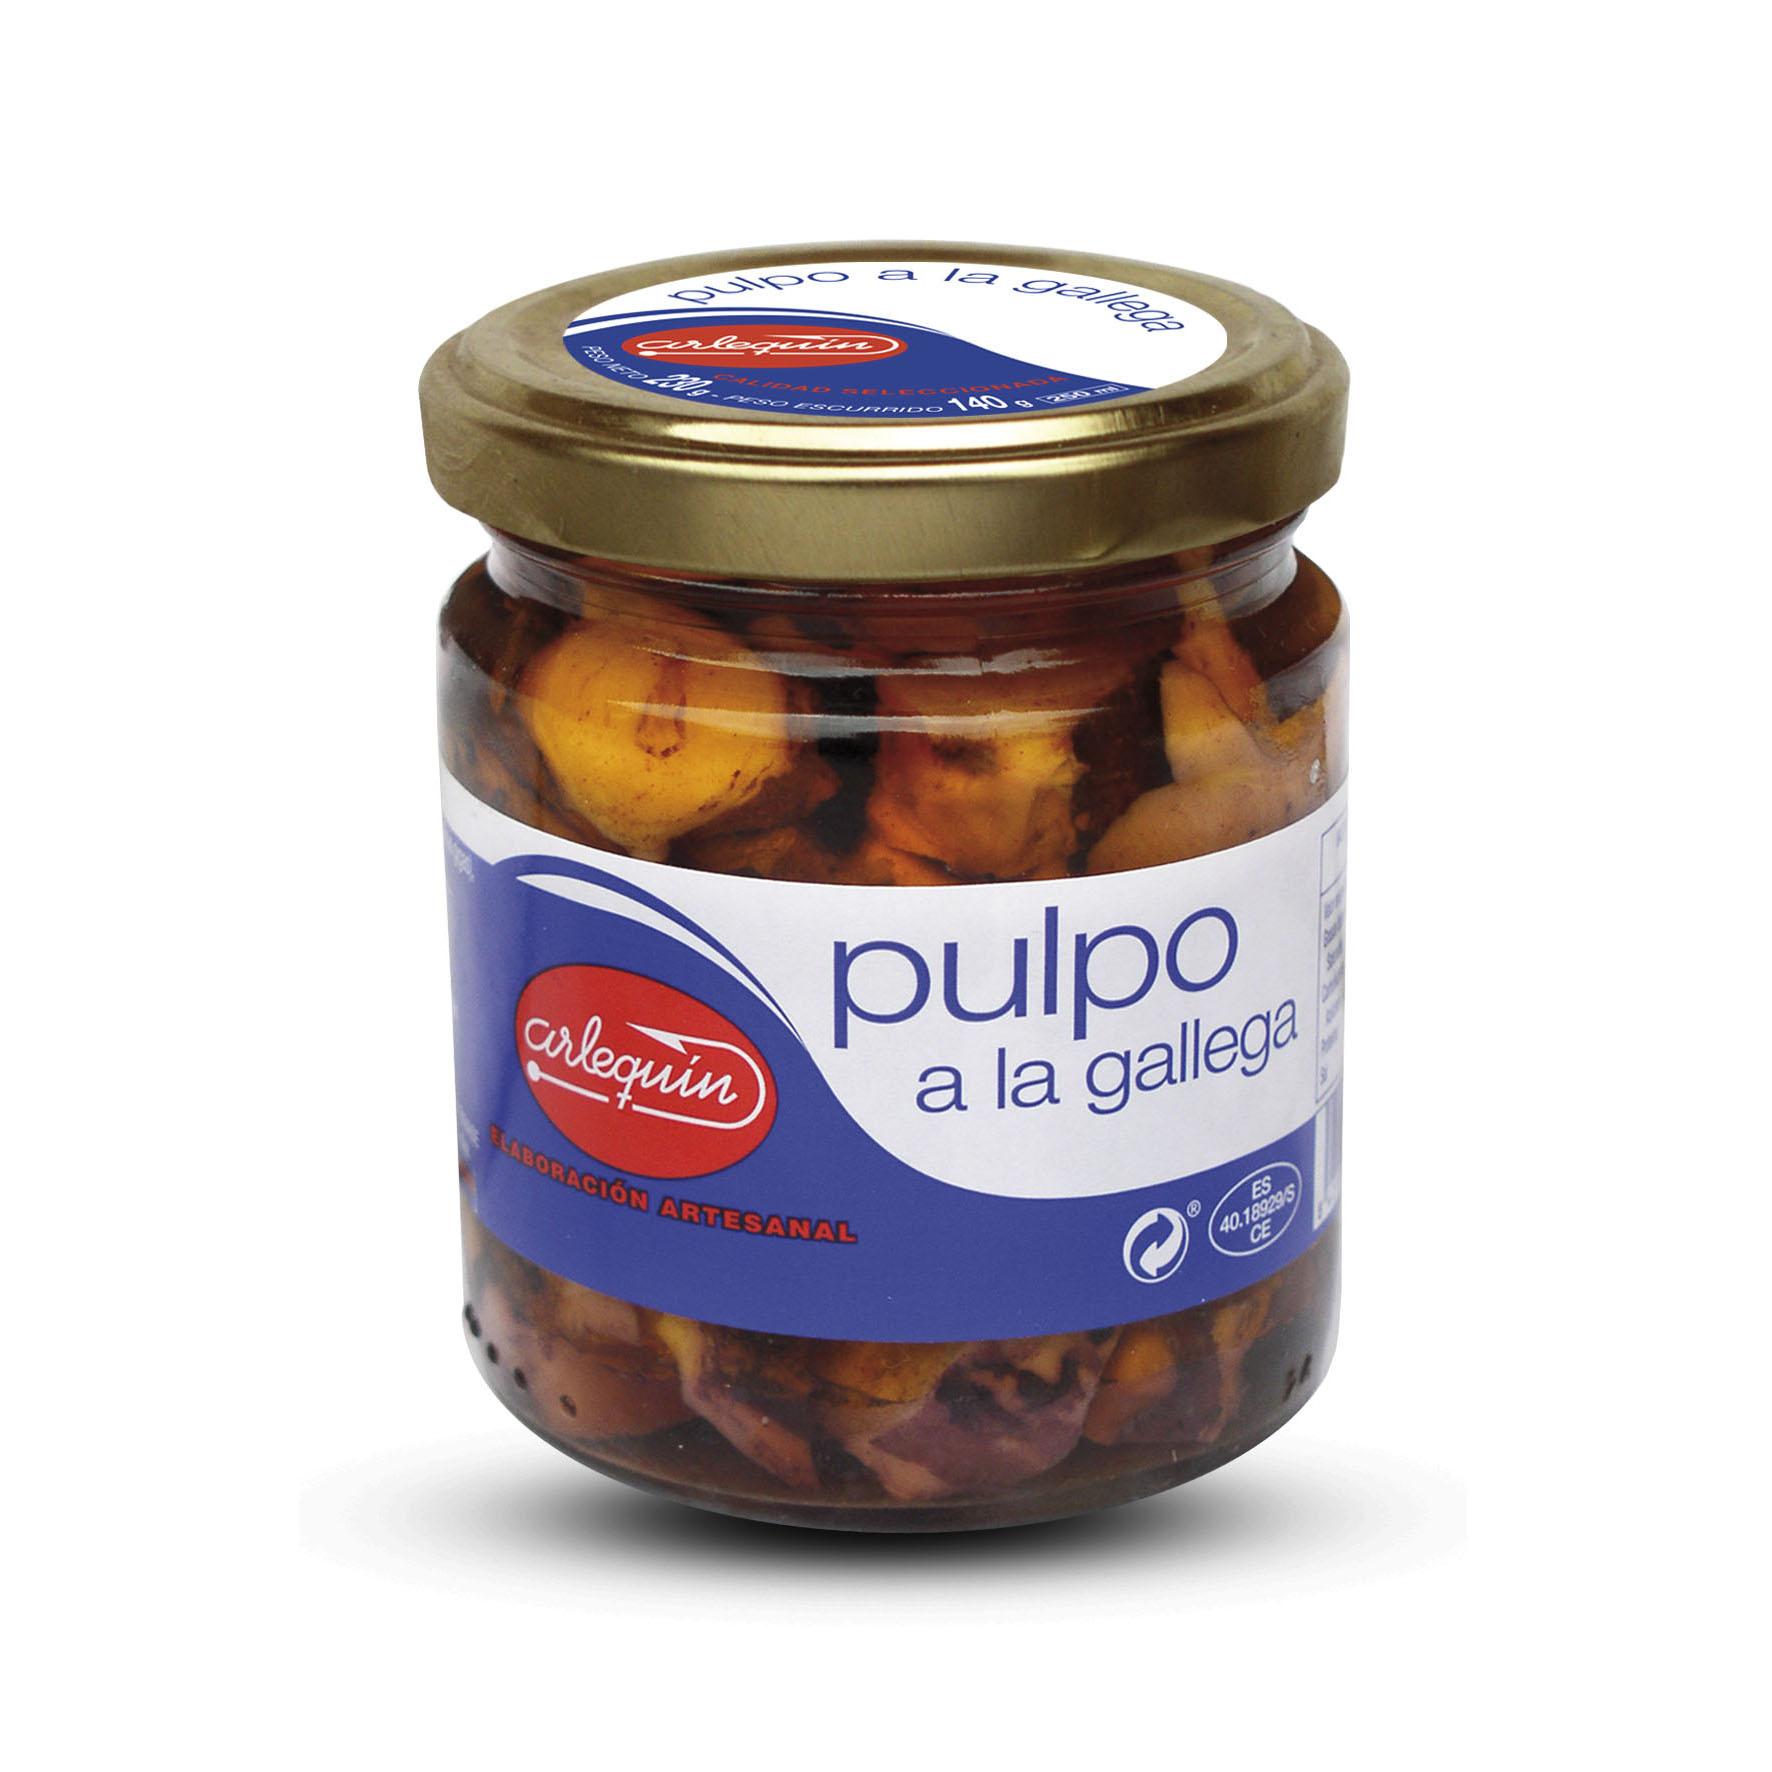 Pulpo - Conservas Arlequín